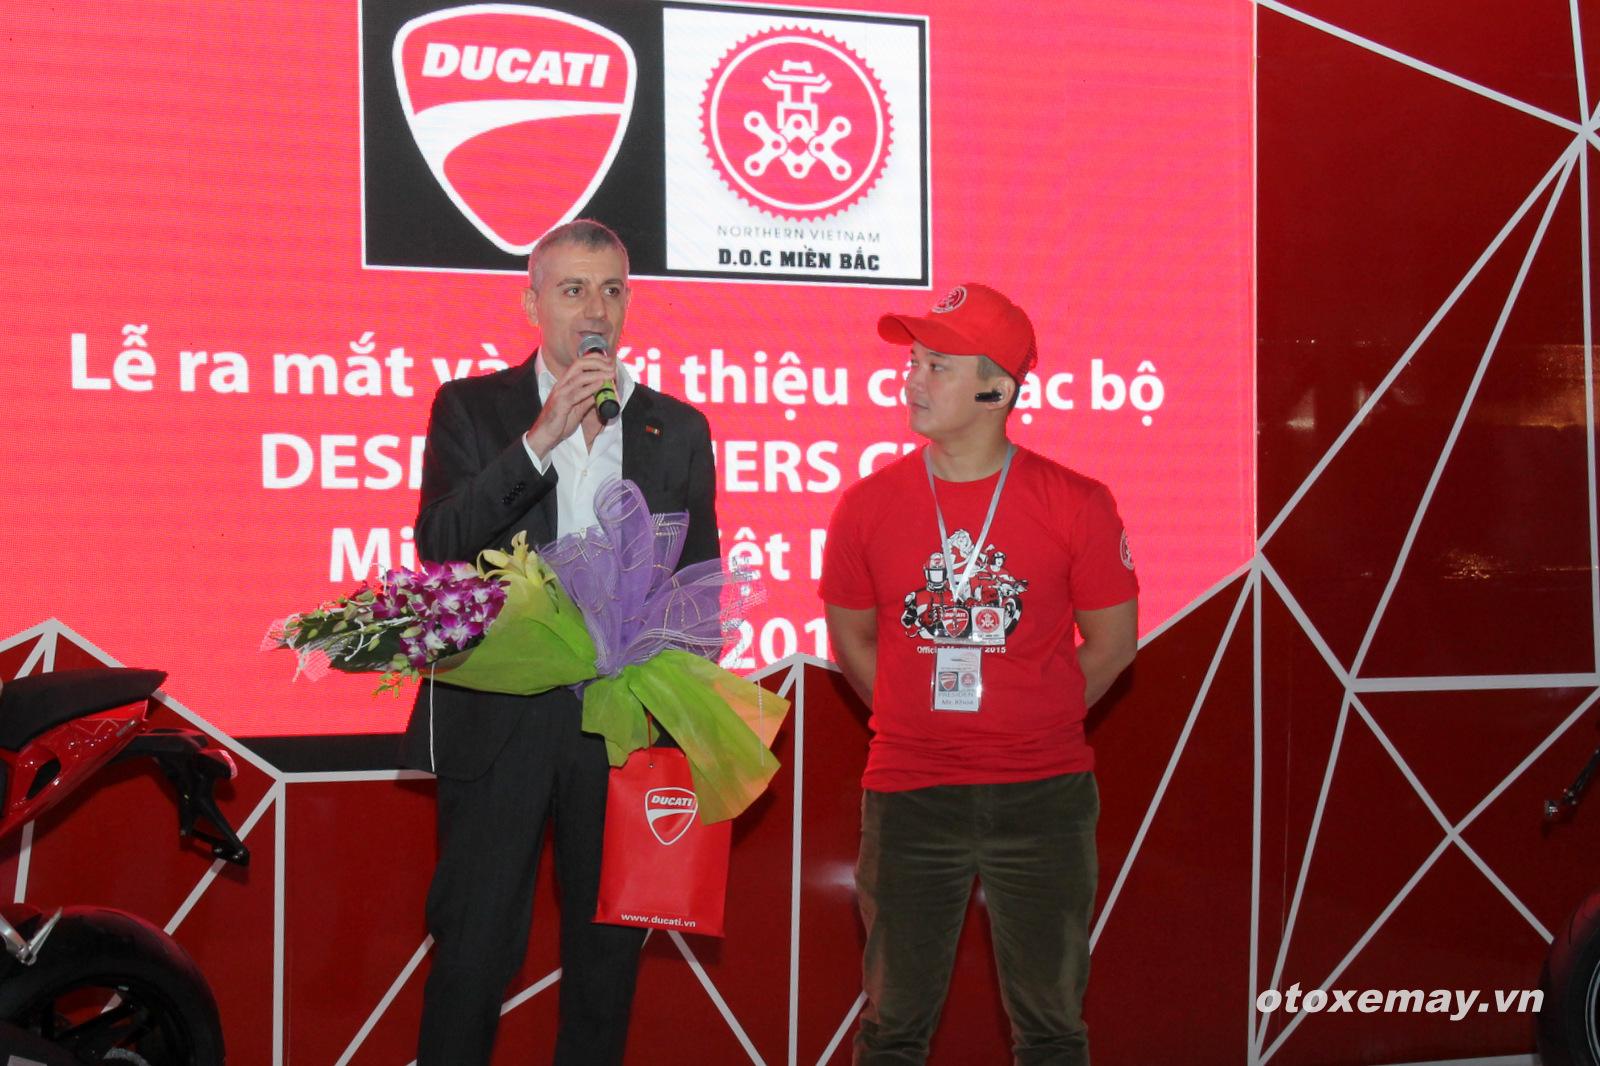 DOC Mien Bac chinh thuc nhap hoi Ducatisti the gioi - 7